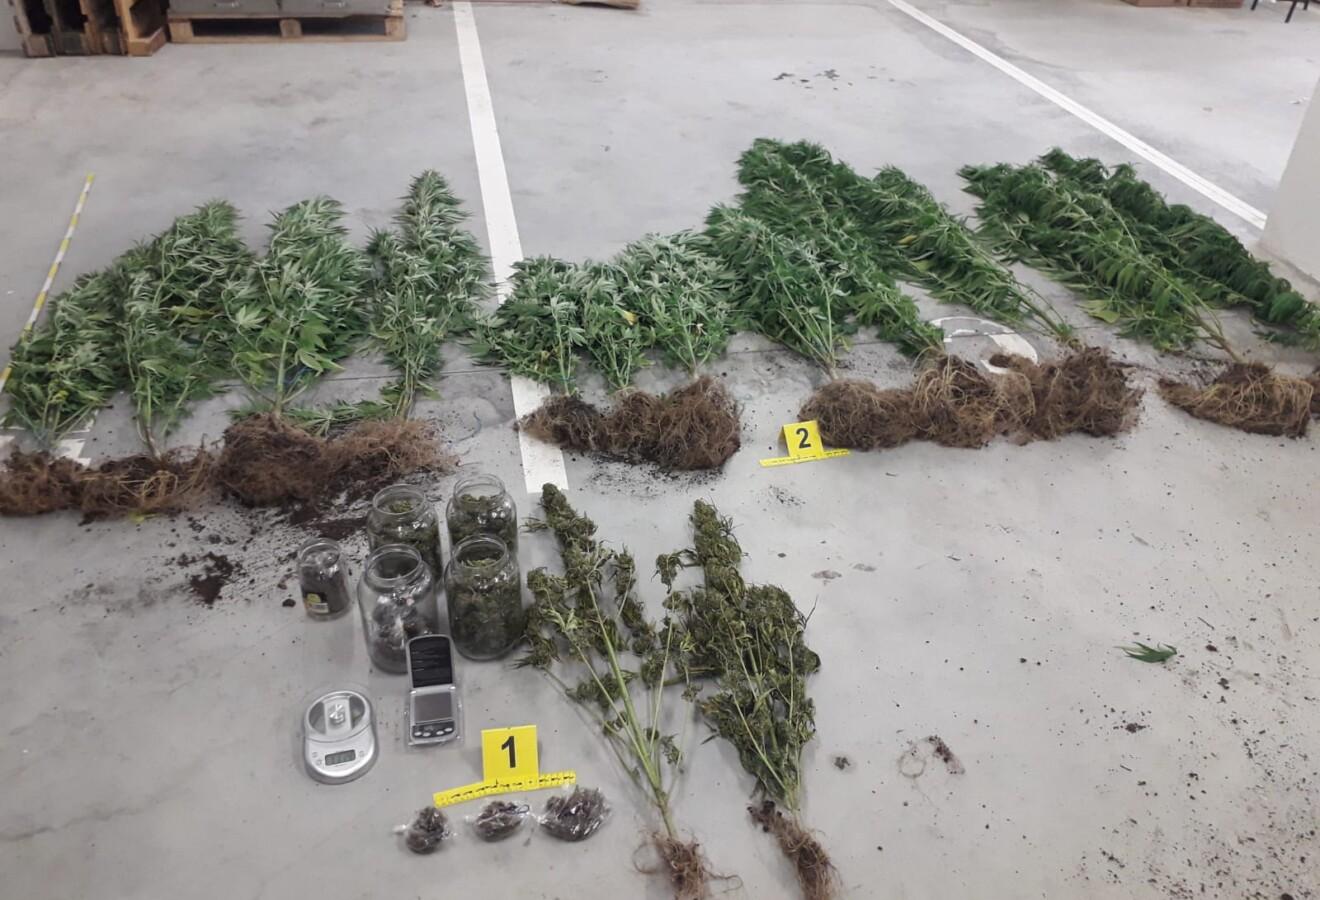 Granična policija pretragom vozila pronašla 36 kg